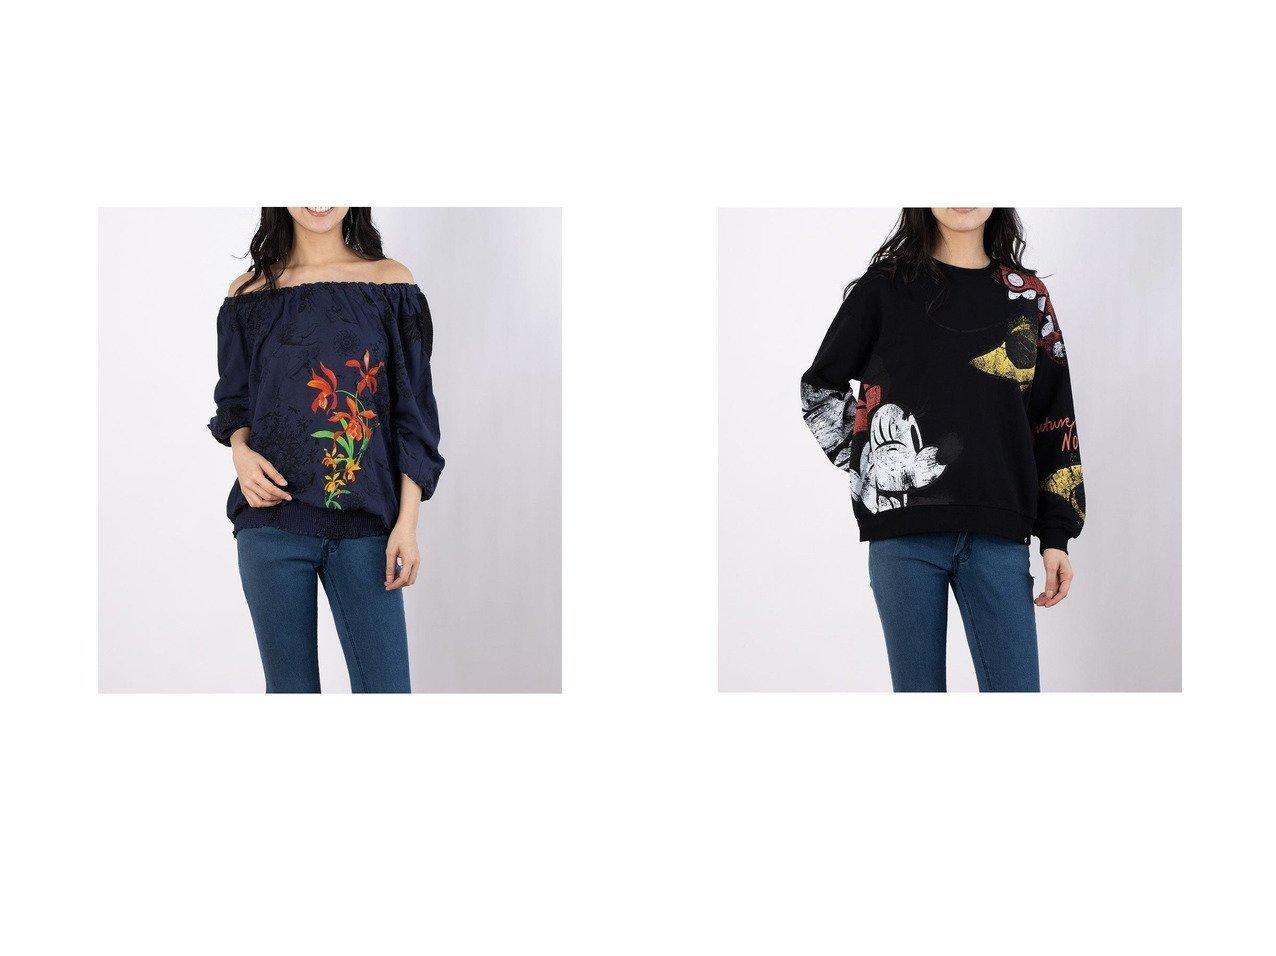 【Desigual/デシグアル】のブラウス長袖 CARLA&スウェット長袖 MINNIE Desigualのおすすめ!人気、トレンド・レディースファッションの通販 おすすめで人気の流行・トレンド、ファッションの通販商品 メンズファッション・キッズファッション・インテリア・家具・レディースファッション・服の通販 founy(ファニー) https://founy.com/ ファッション Fashion レディースファッション WOMEN トップス Tops Tshirt シャツ/ブラウス Shirts Blouses パーカ Sweats スウェット Sweat 2021年 2021 2021 春夏 S/S SS Spring/Summer 2021 S/S 春夏 SS Spring/Summer オフショル ドレープ プリント 春 Spring 長袖 |ID:crp329100000019762